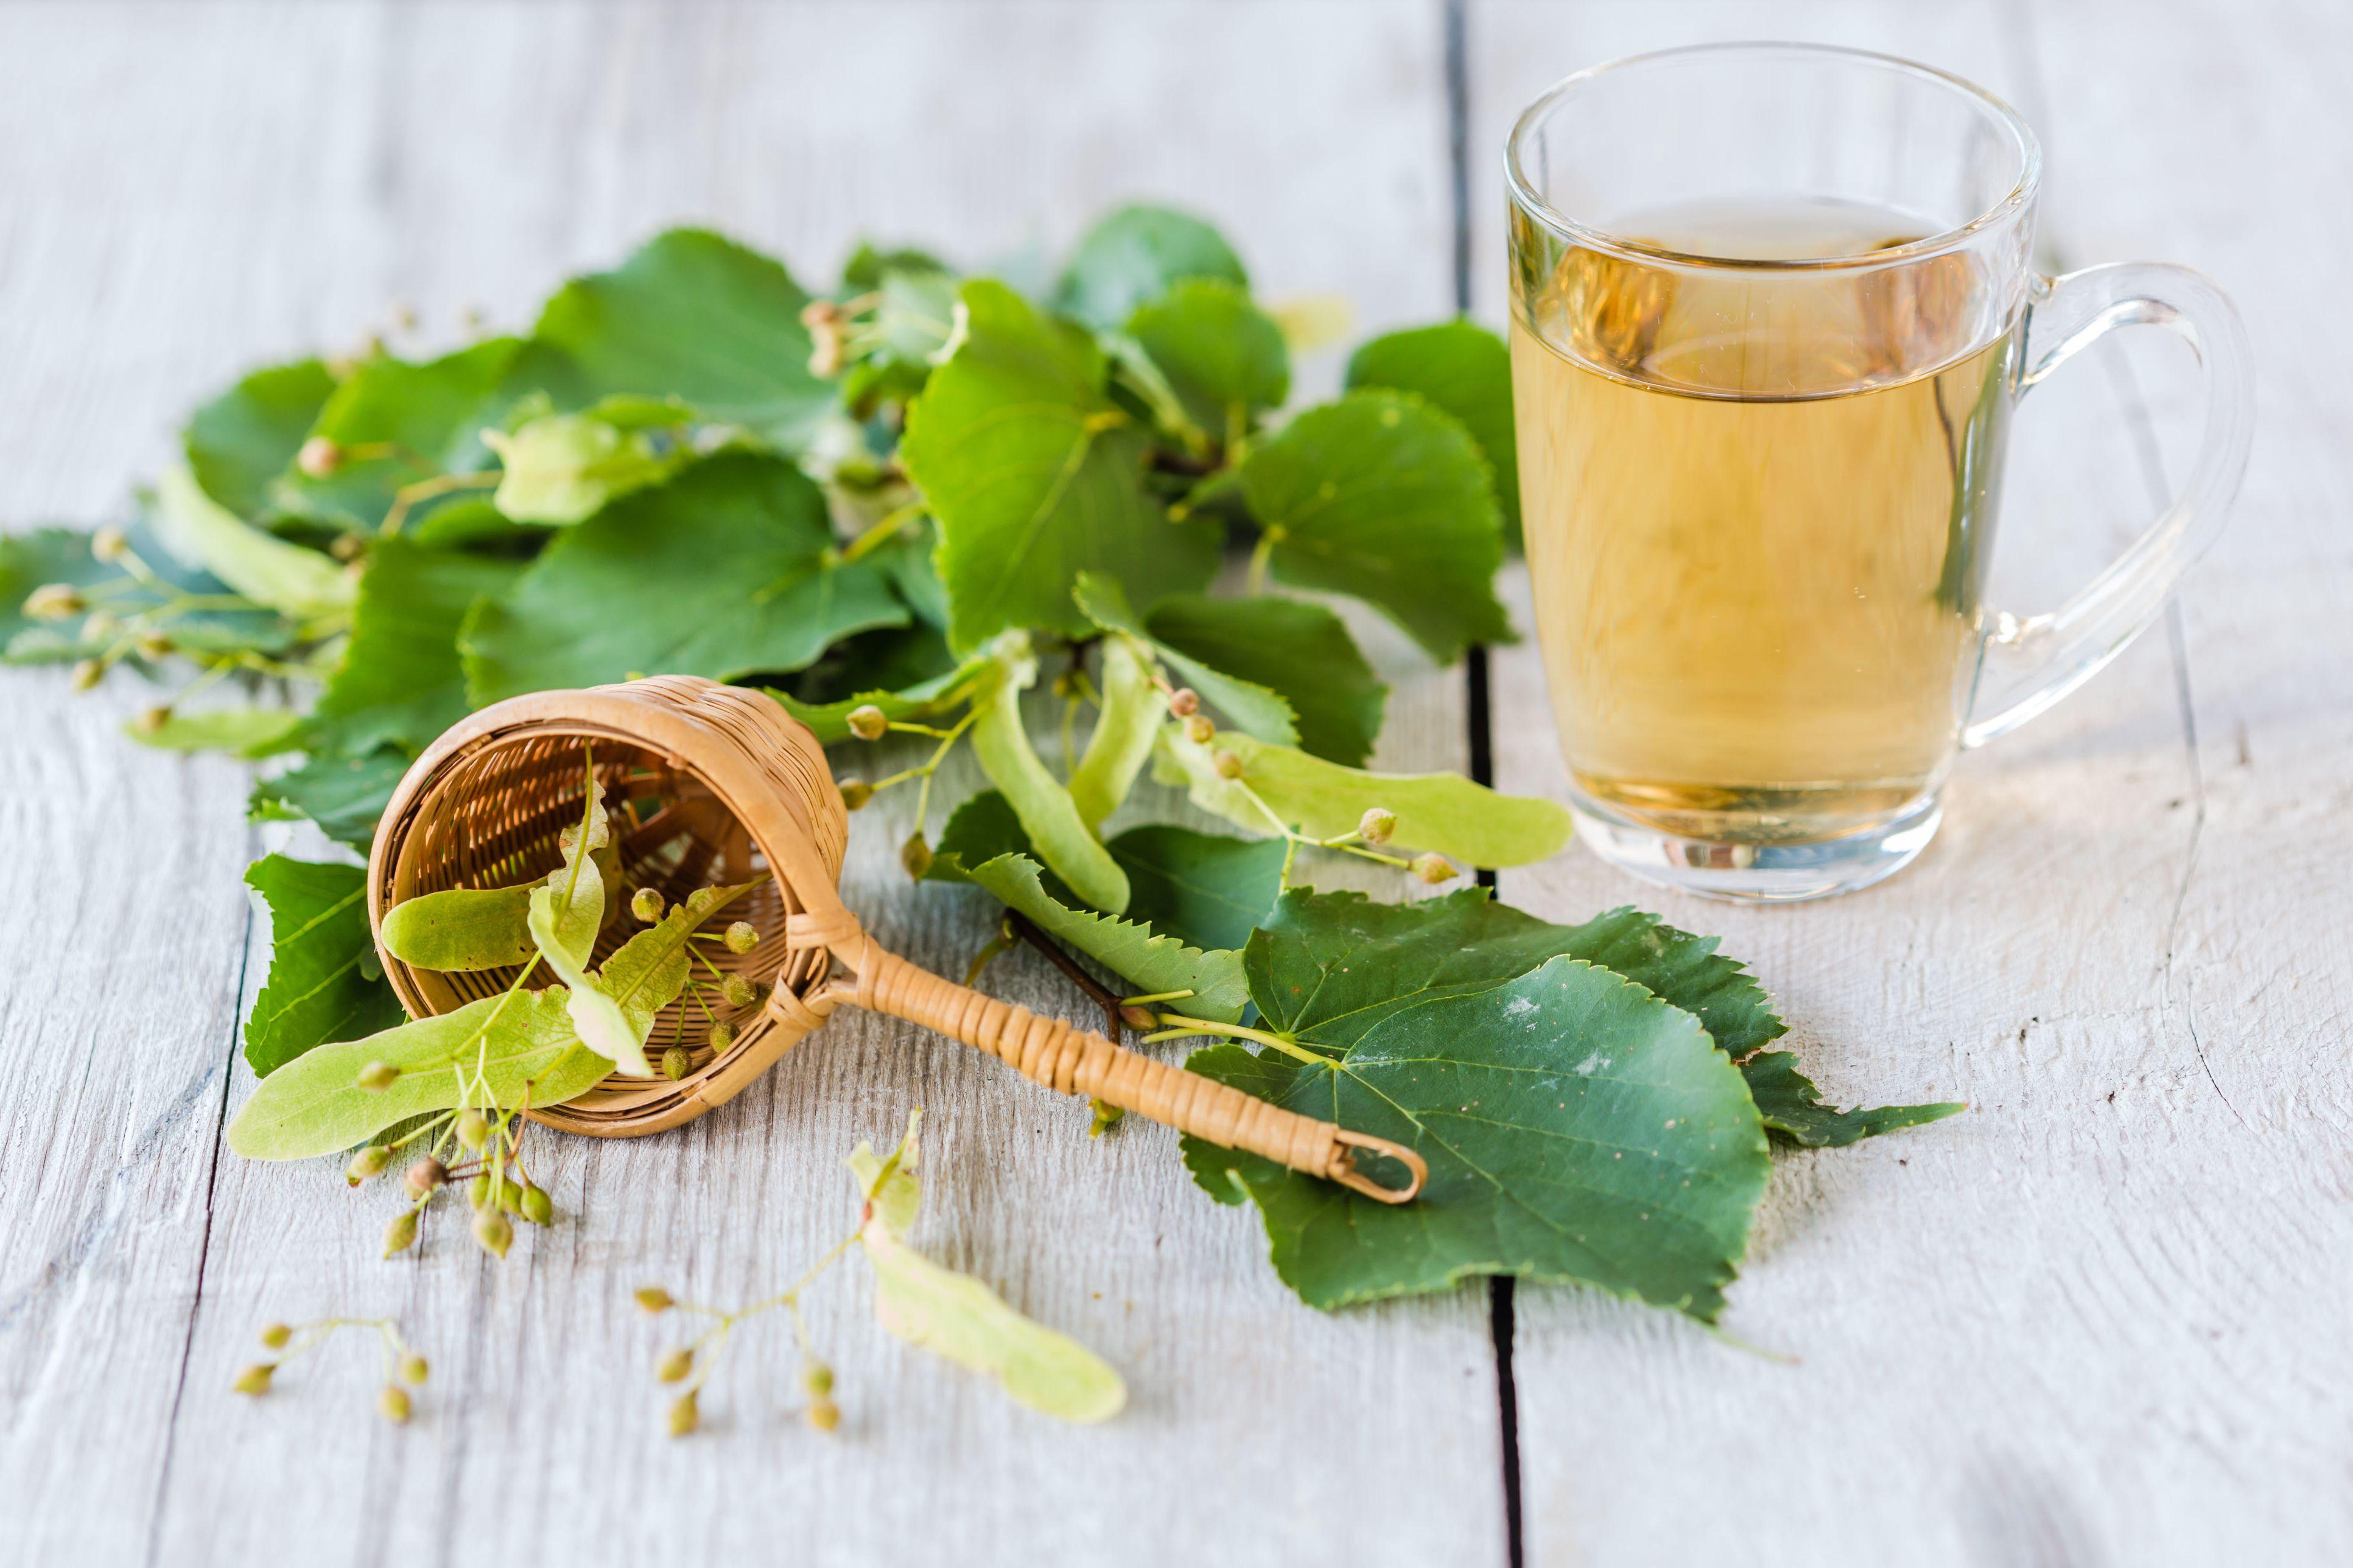 Linden tea benefits and side effects izmirmasajfo